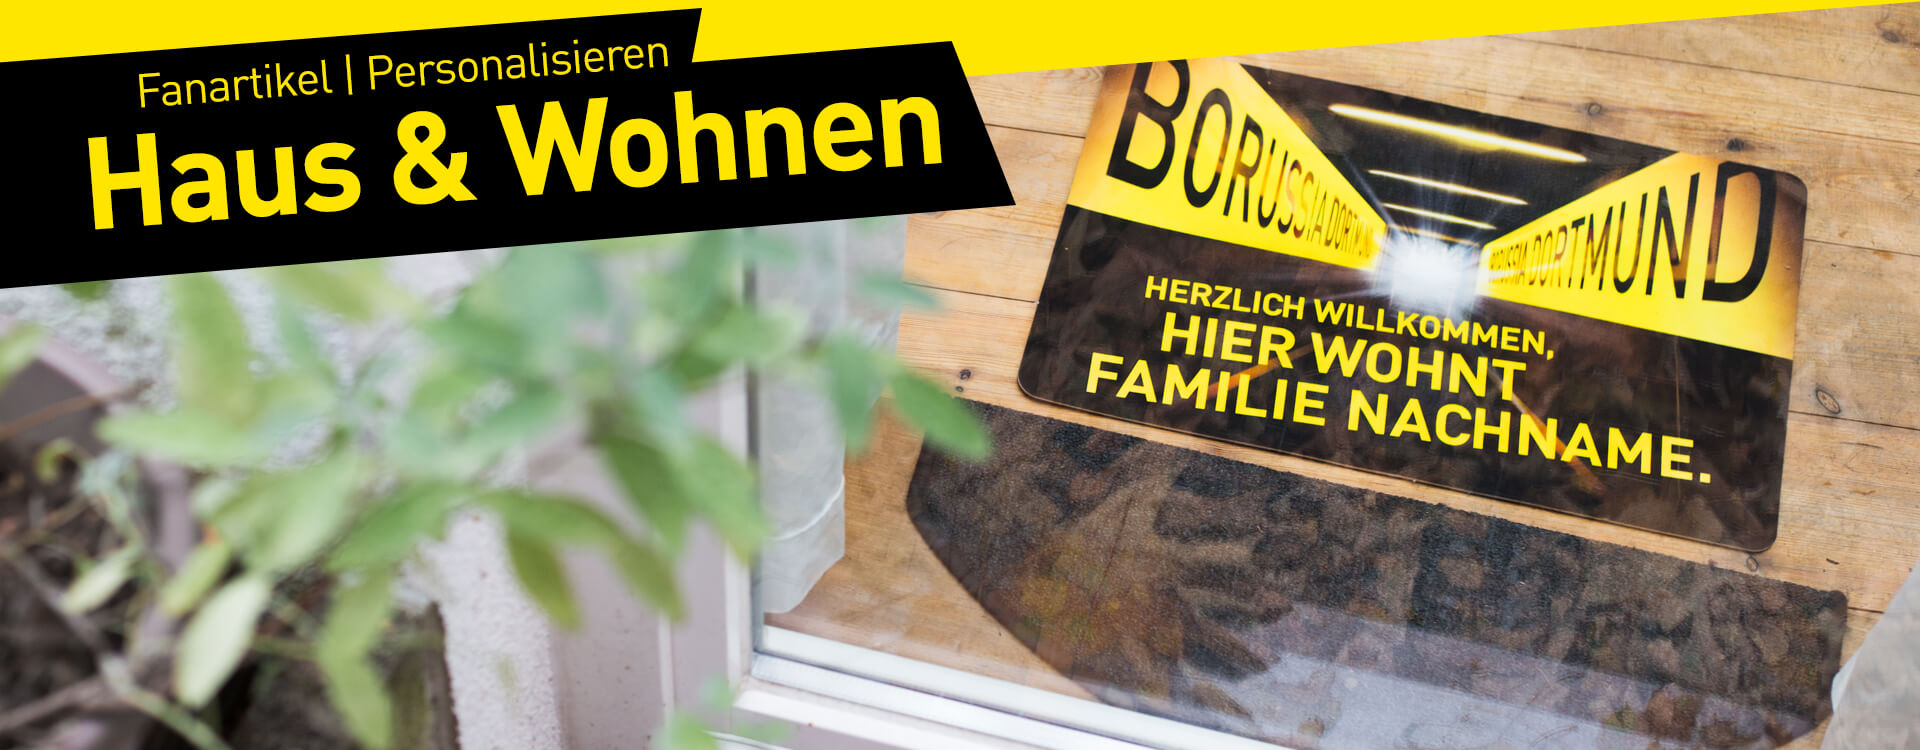 Onlineshop-Kategorieb-hnen-Desktop-1920x750px_Fanartikel_Personalisieren_Haus-wohnen